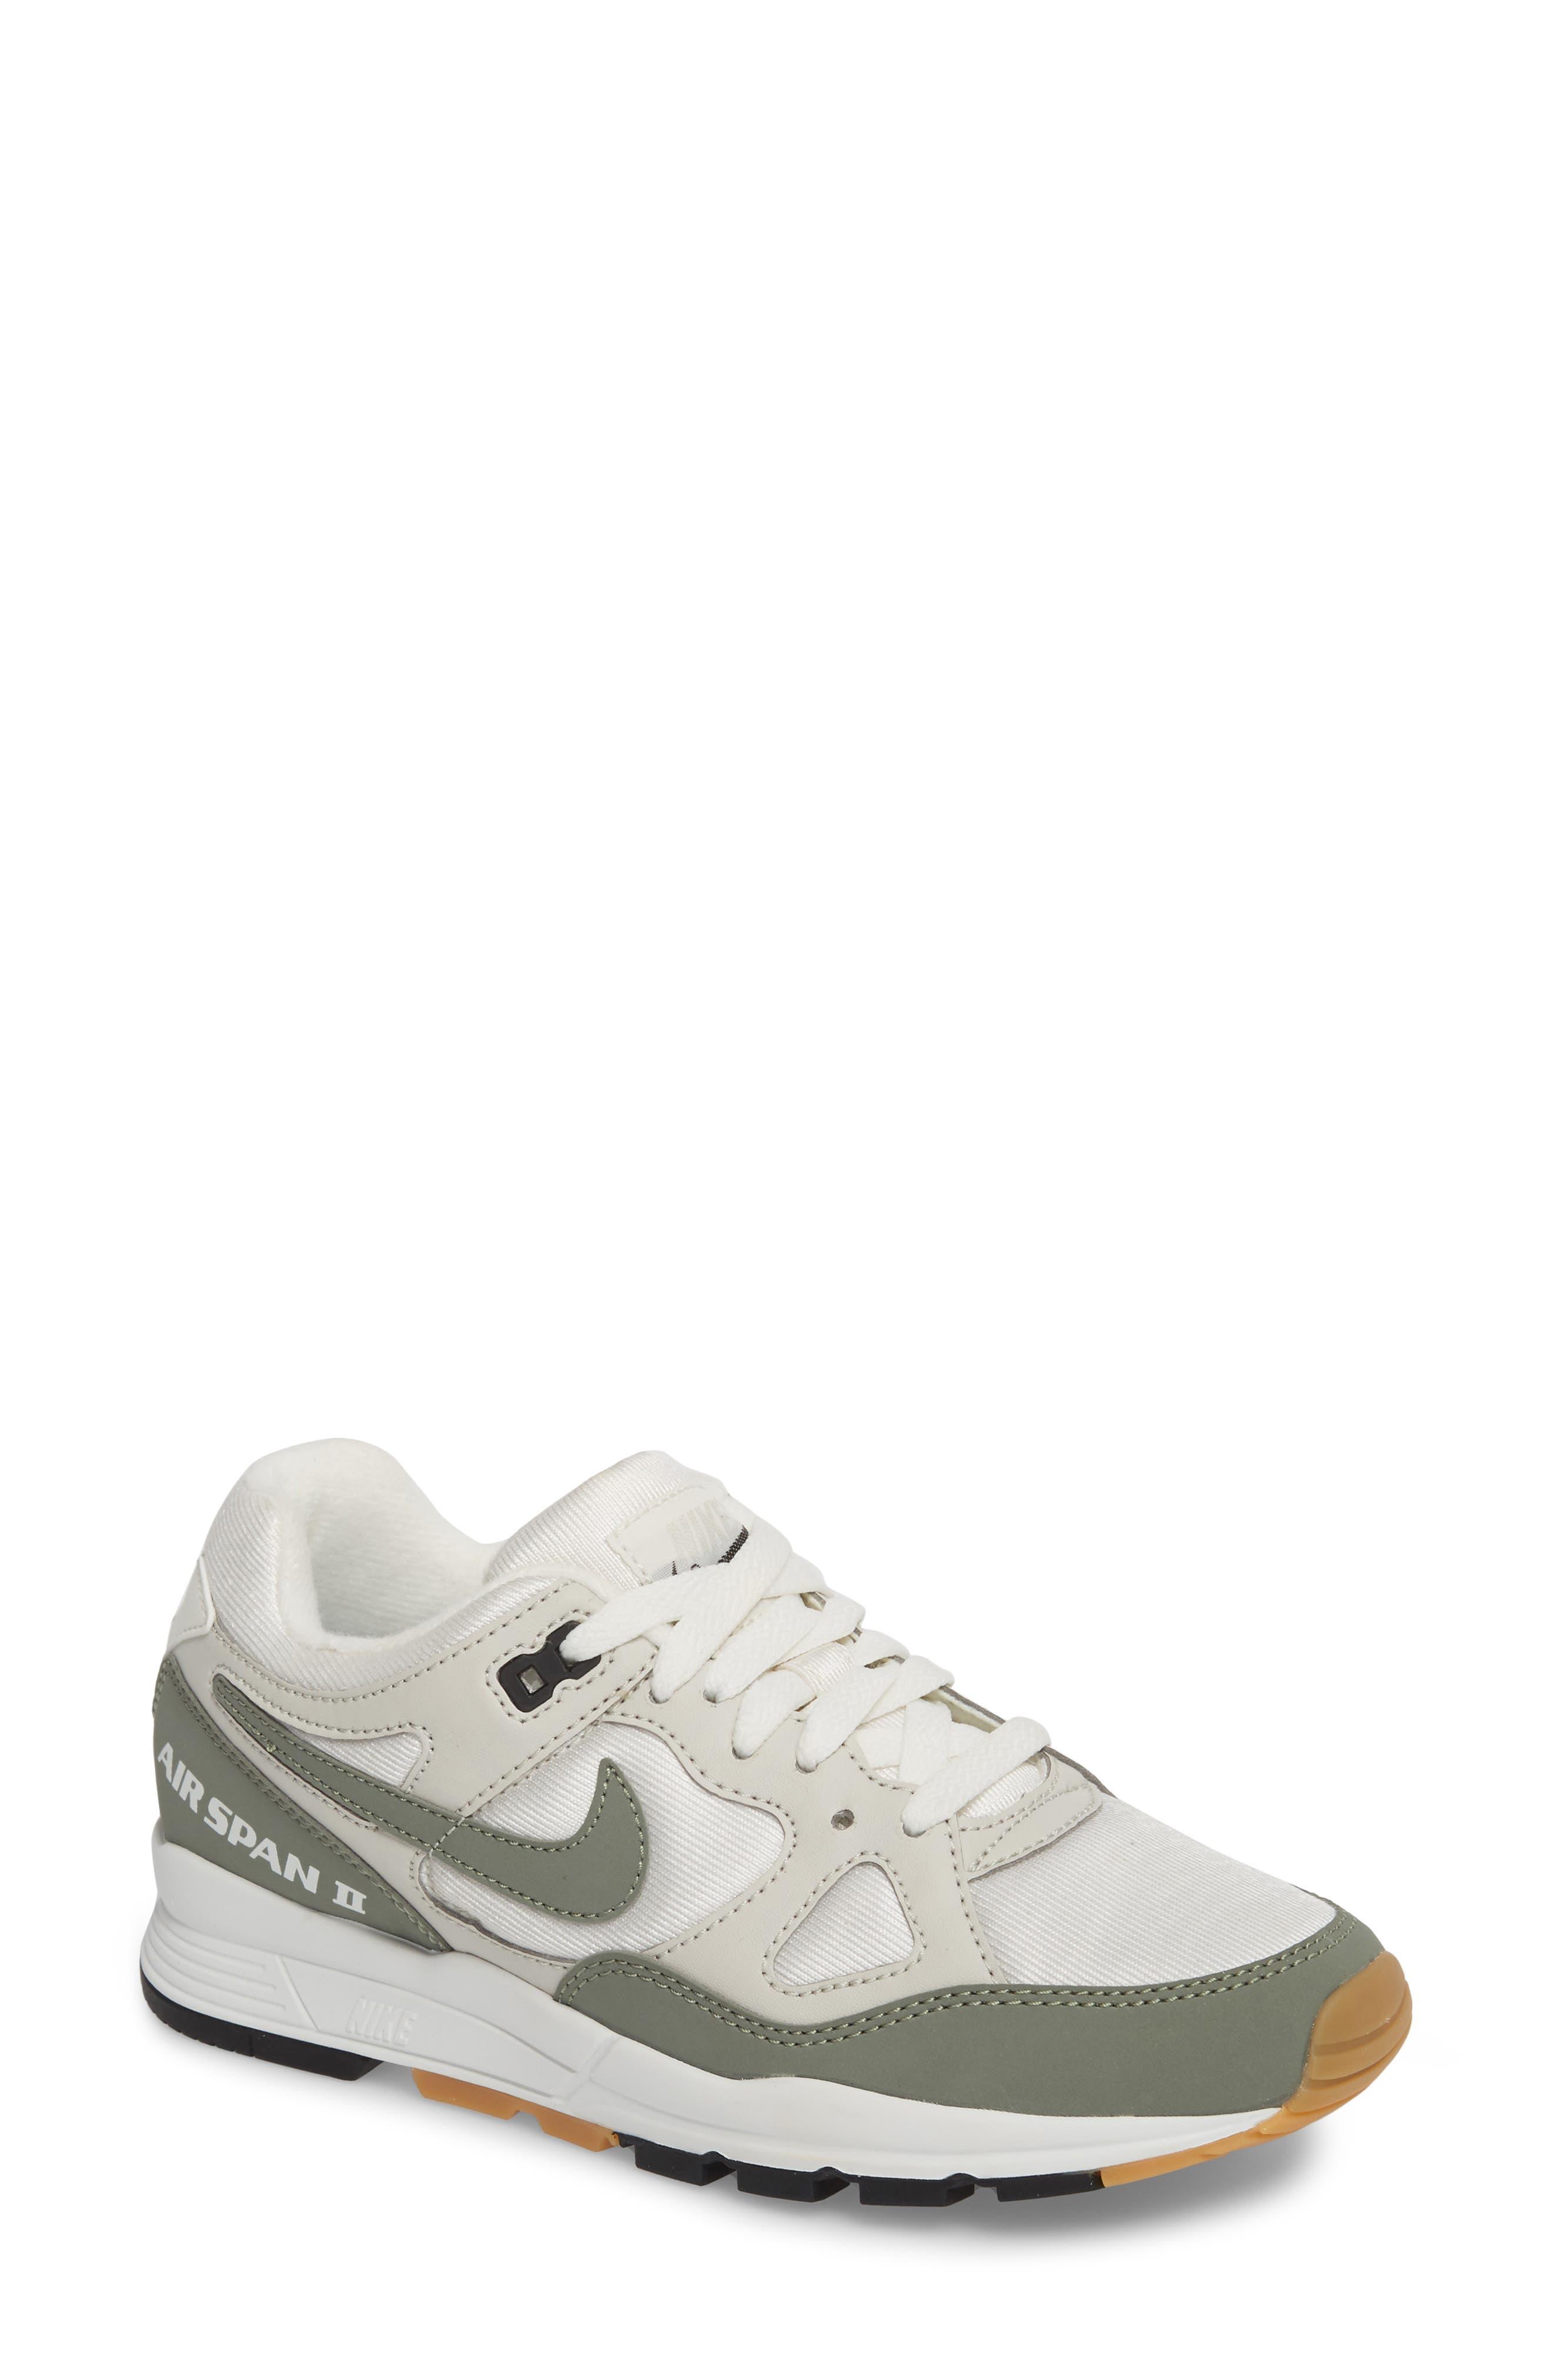 NIKE Air Span II Sneaker, Main, color, 020